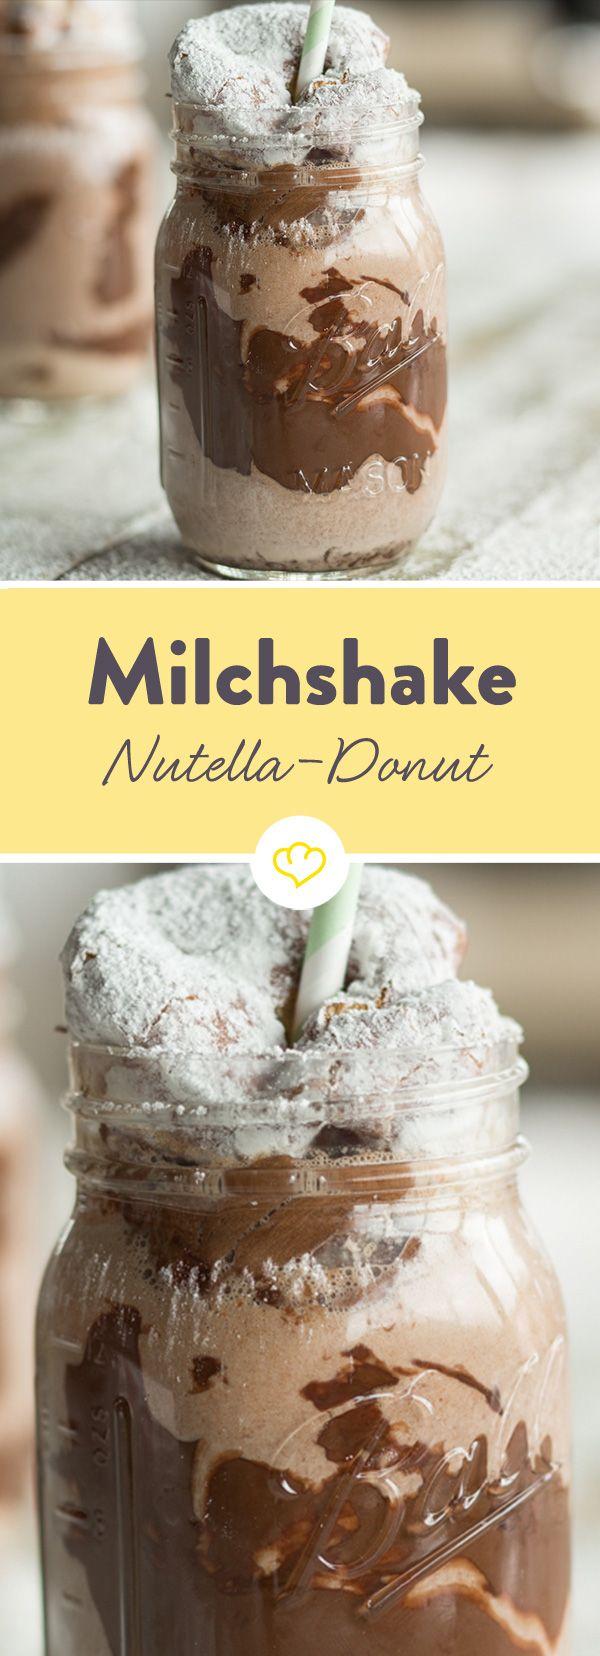 Genieß das Leben mit dem großen Löffel: Dieser Nutella-Eiscreme-Milchshake wird durch einen zuckerüberzogenen und mit Nougatcreme gefüllten Donut getrunken.